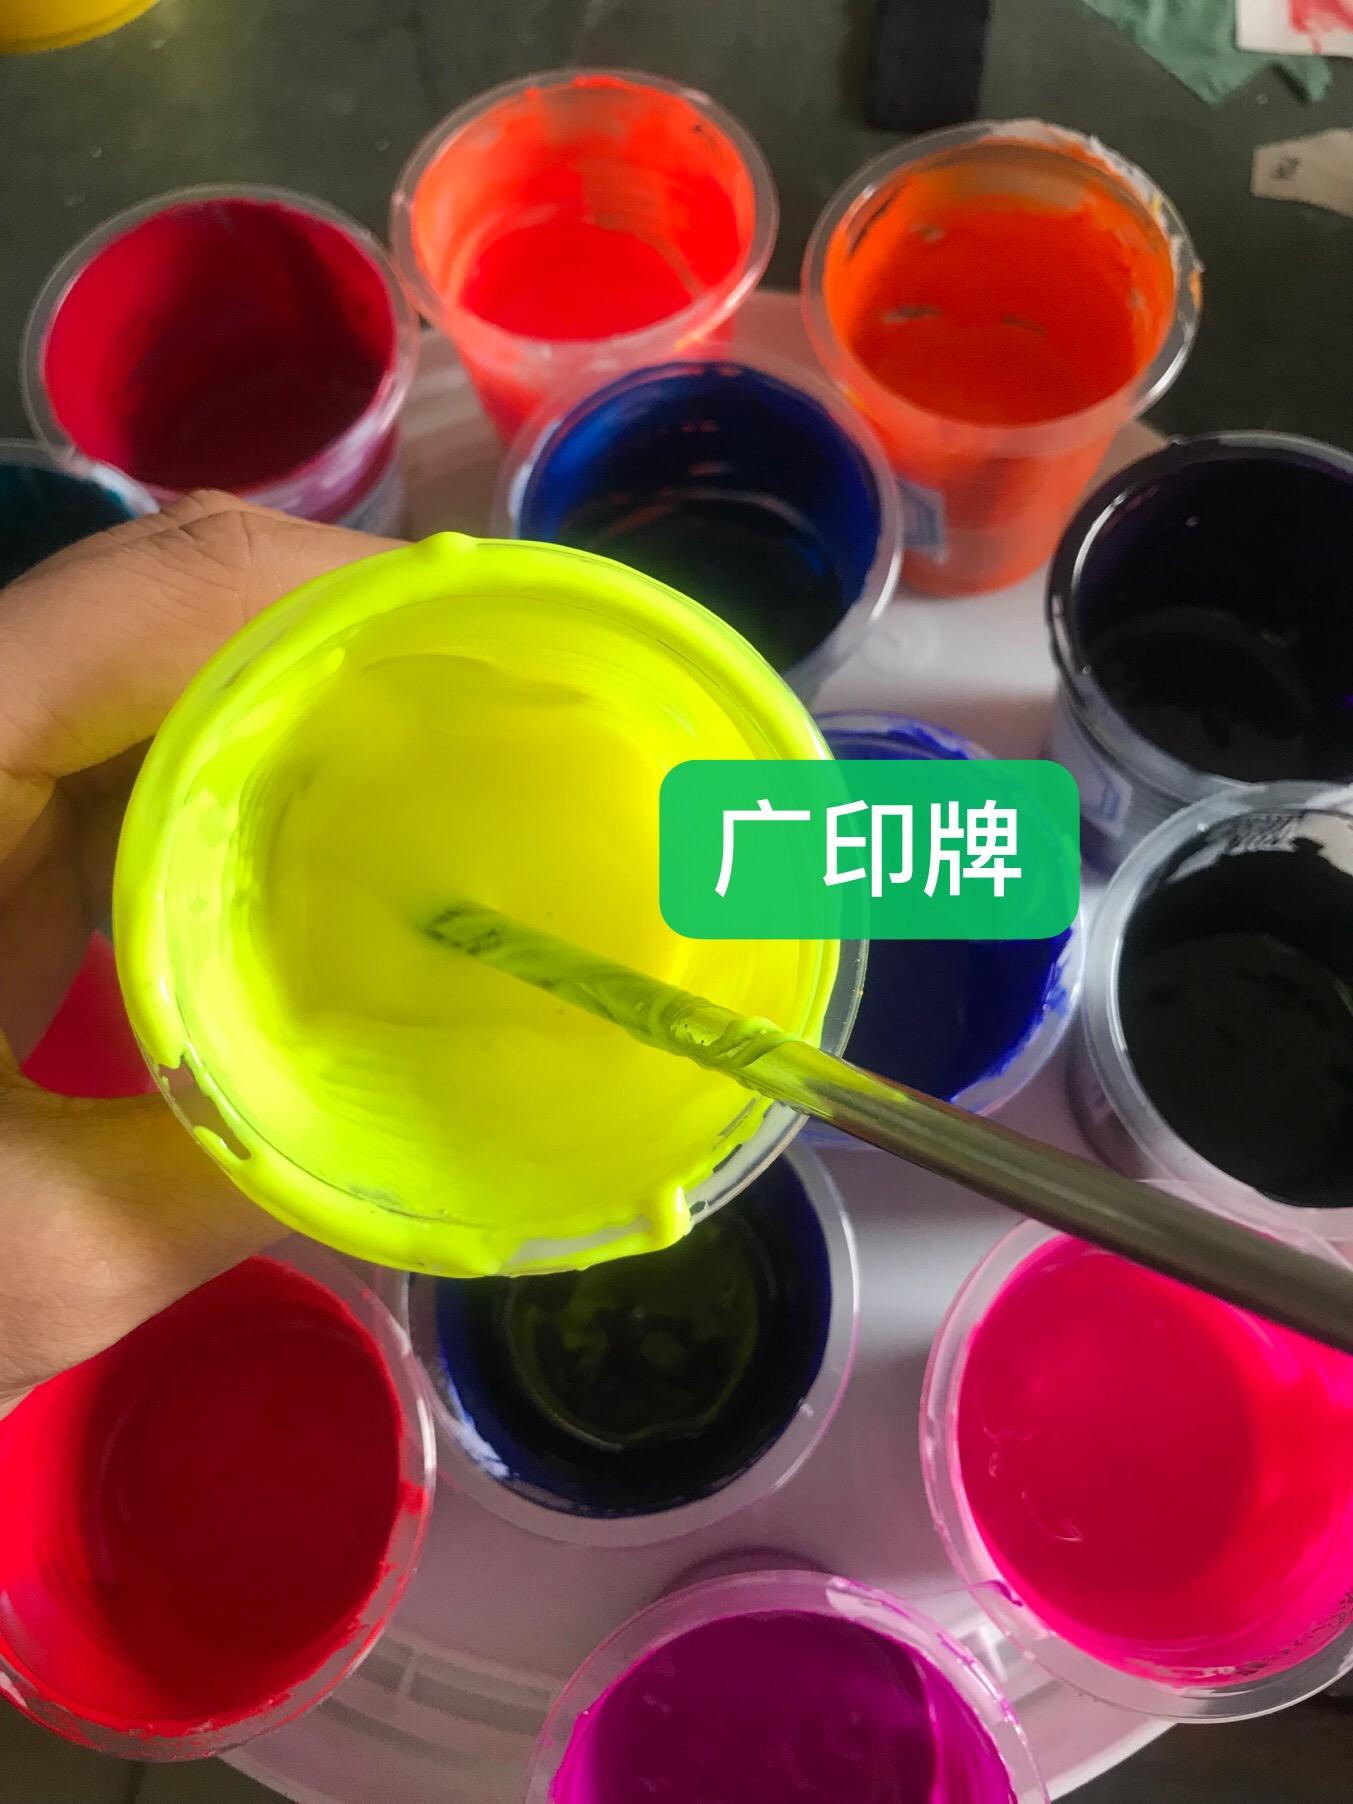 耐高温不迁移水性色浆